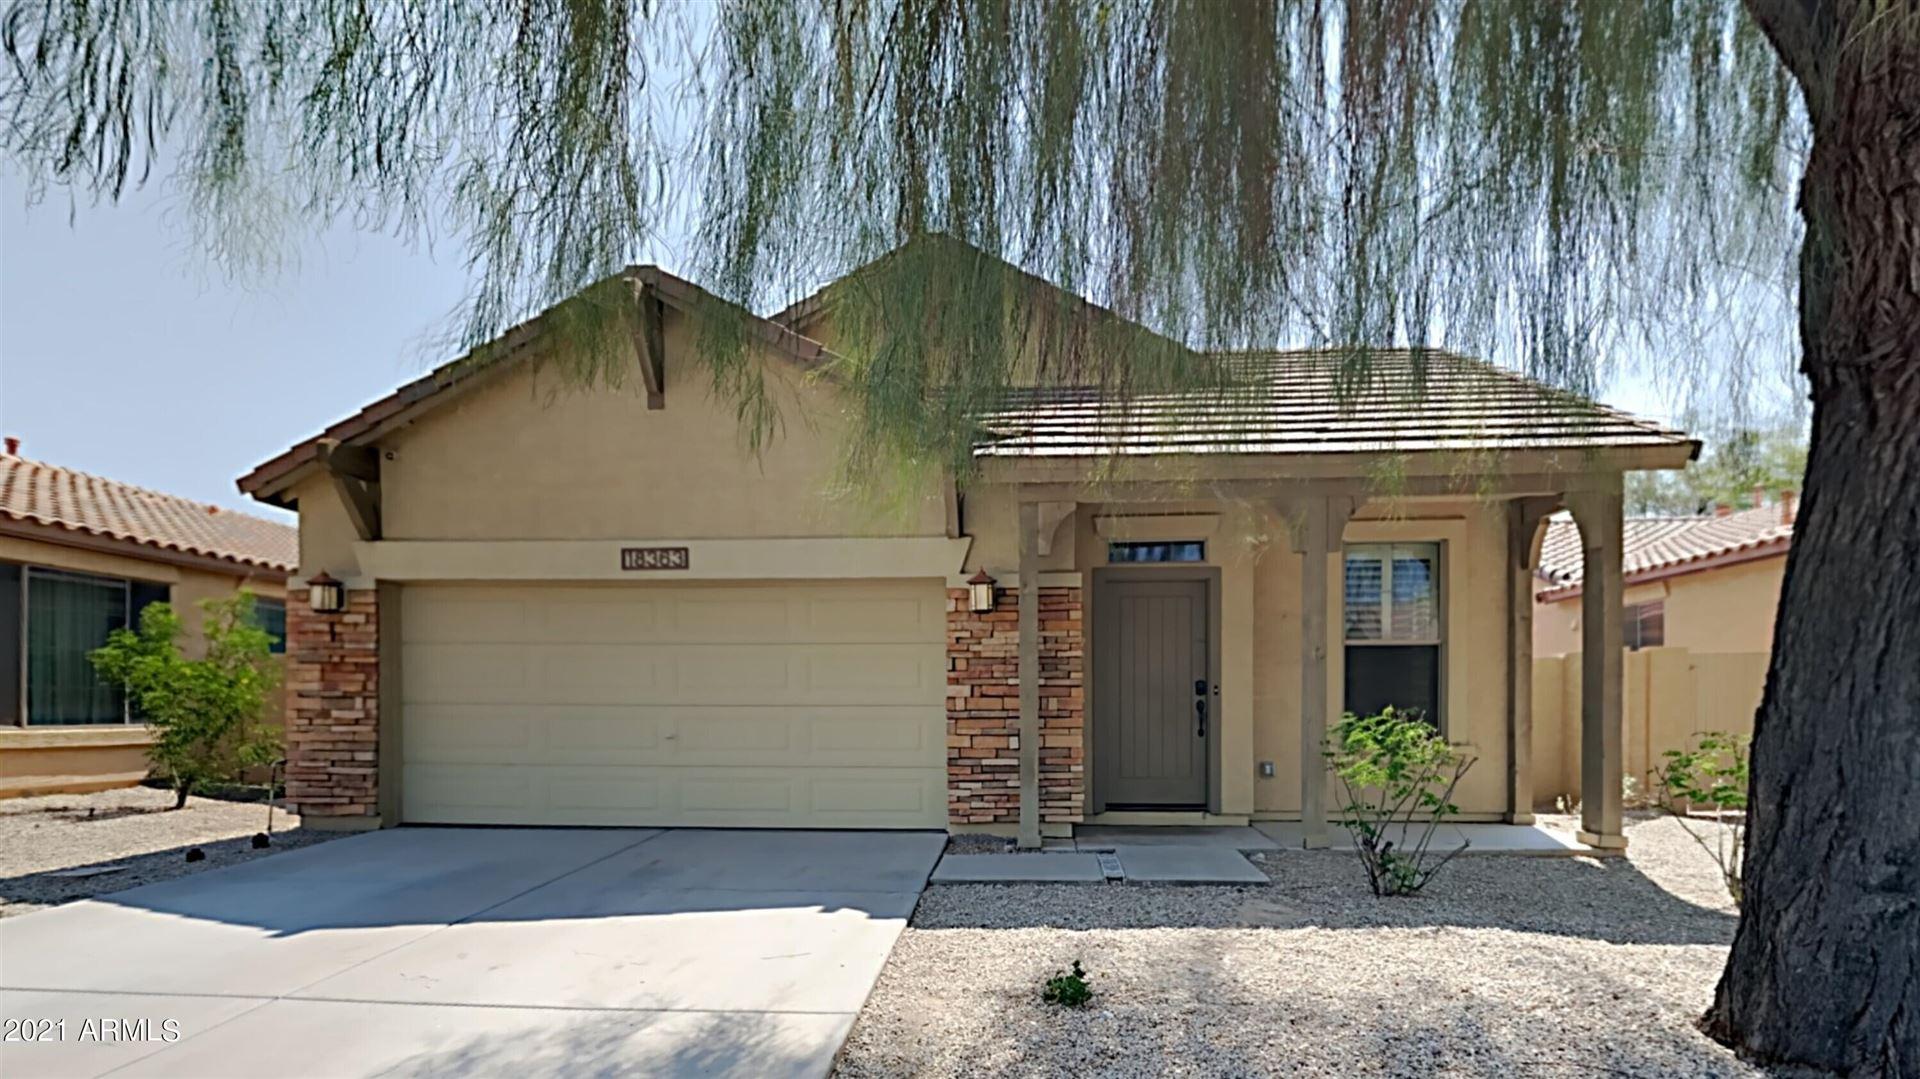 Photo of 18363 W LA MIRADA Drive, Goodyear, AZ 85338 (MLS # 6295057)